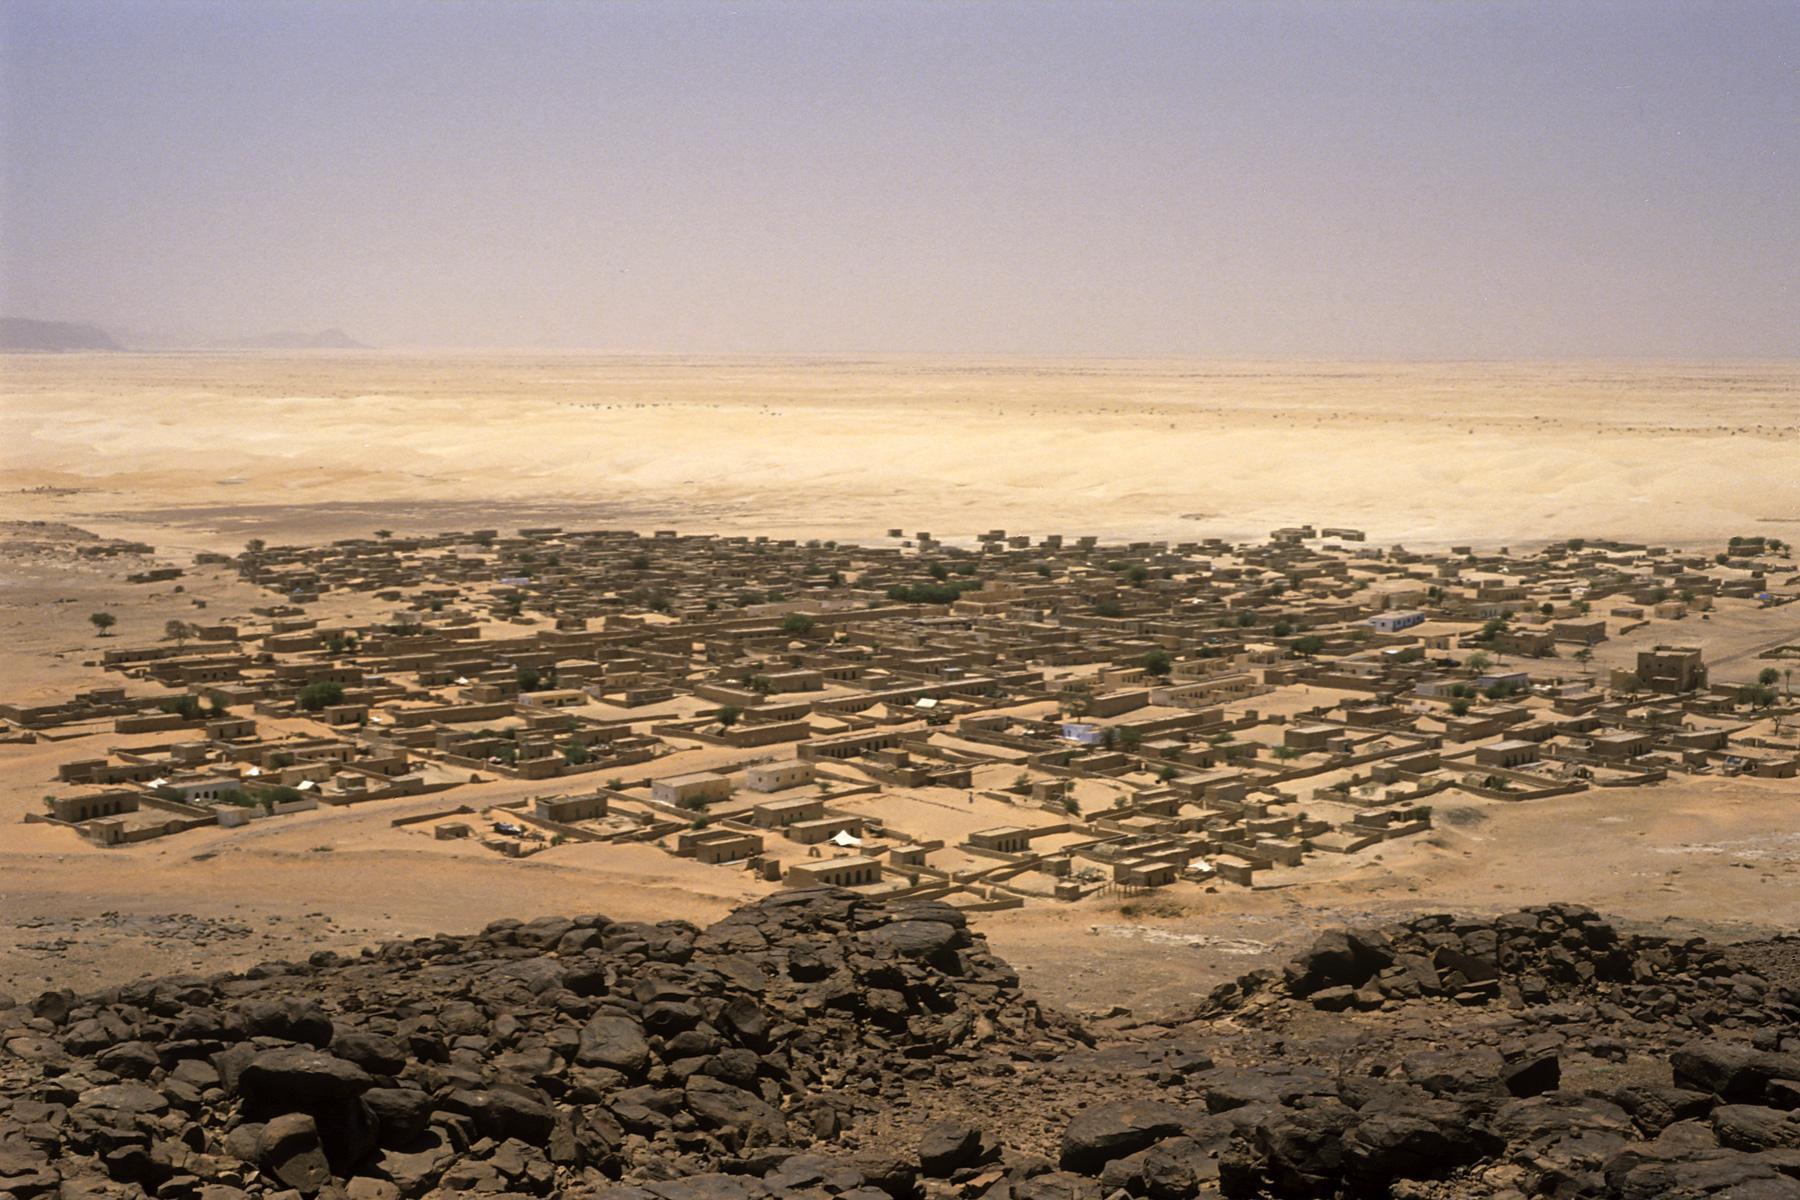 Mauritanie : les habitants d'une cité sans eau protestent devant les grilles du palais présidentiel